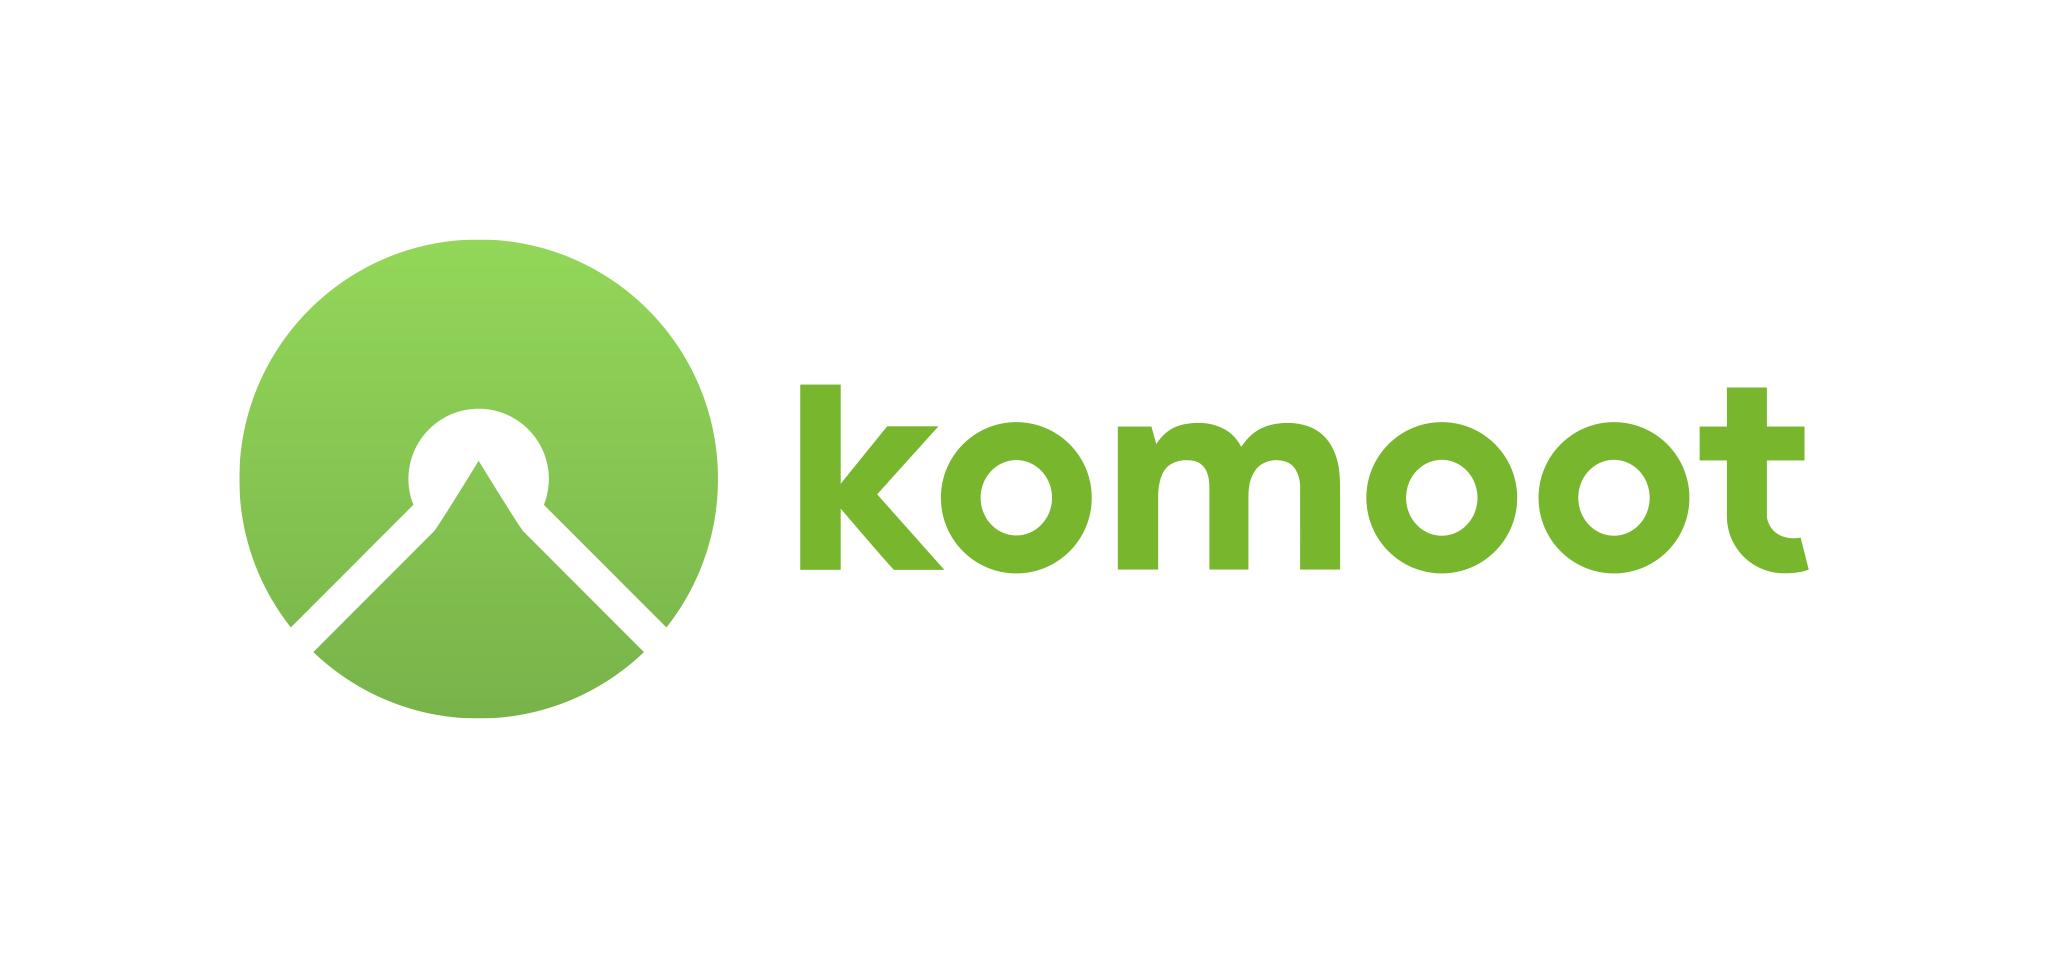 265096-komoot_logo_web_2-c51a5e-original-1511257081